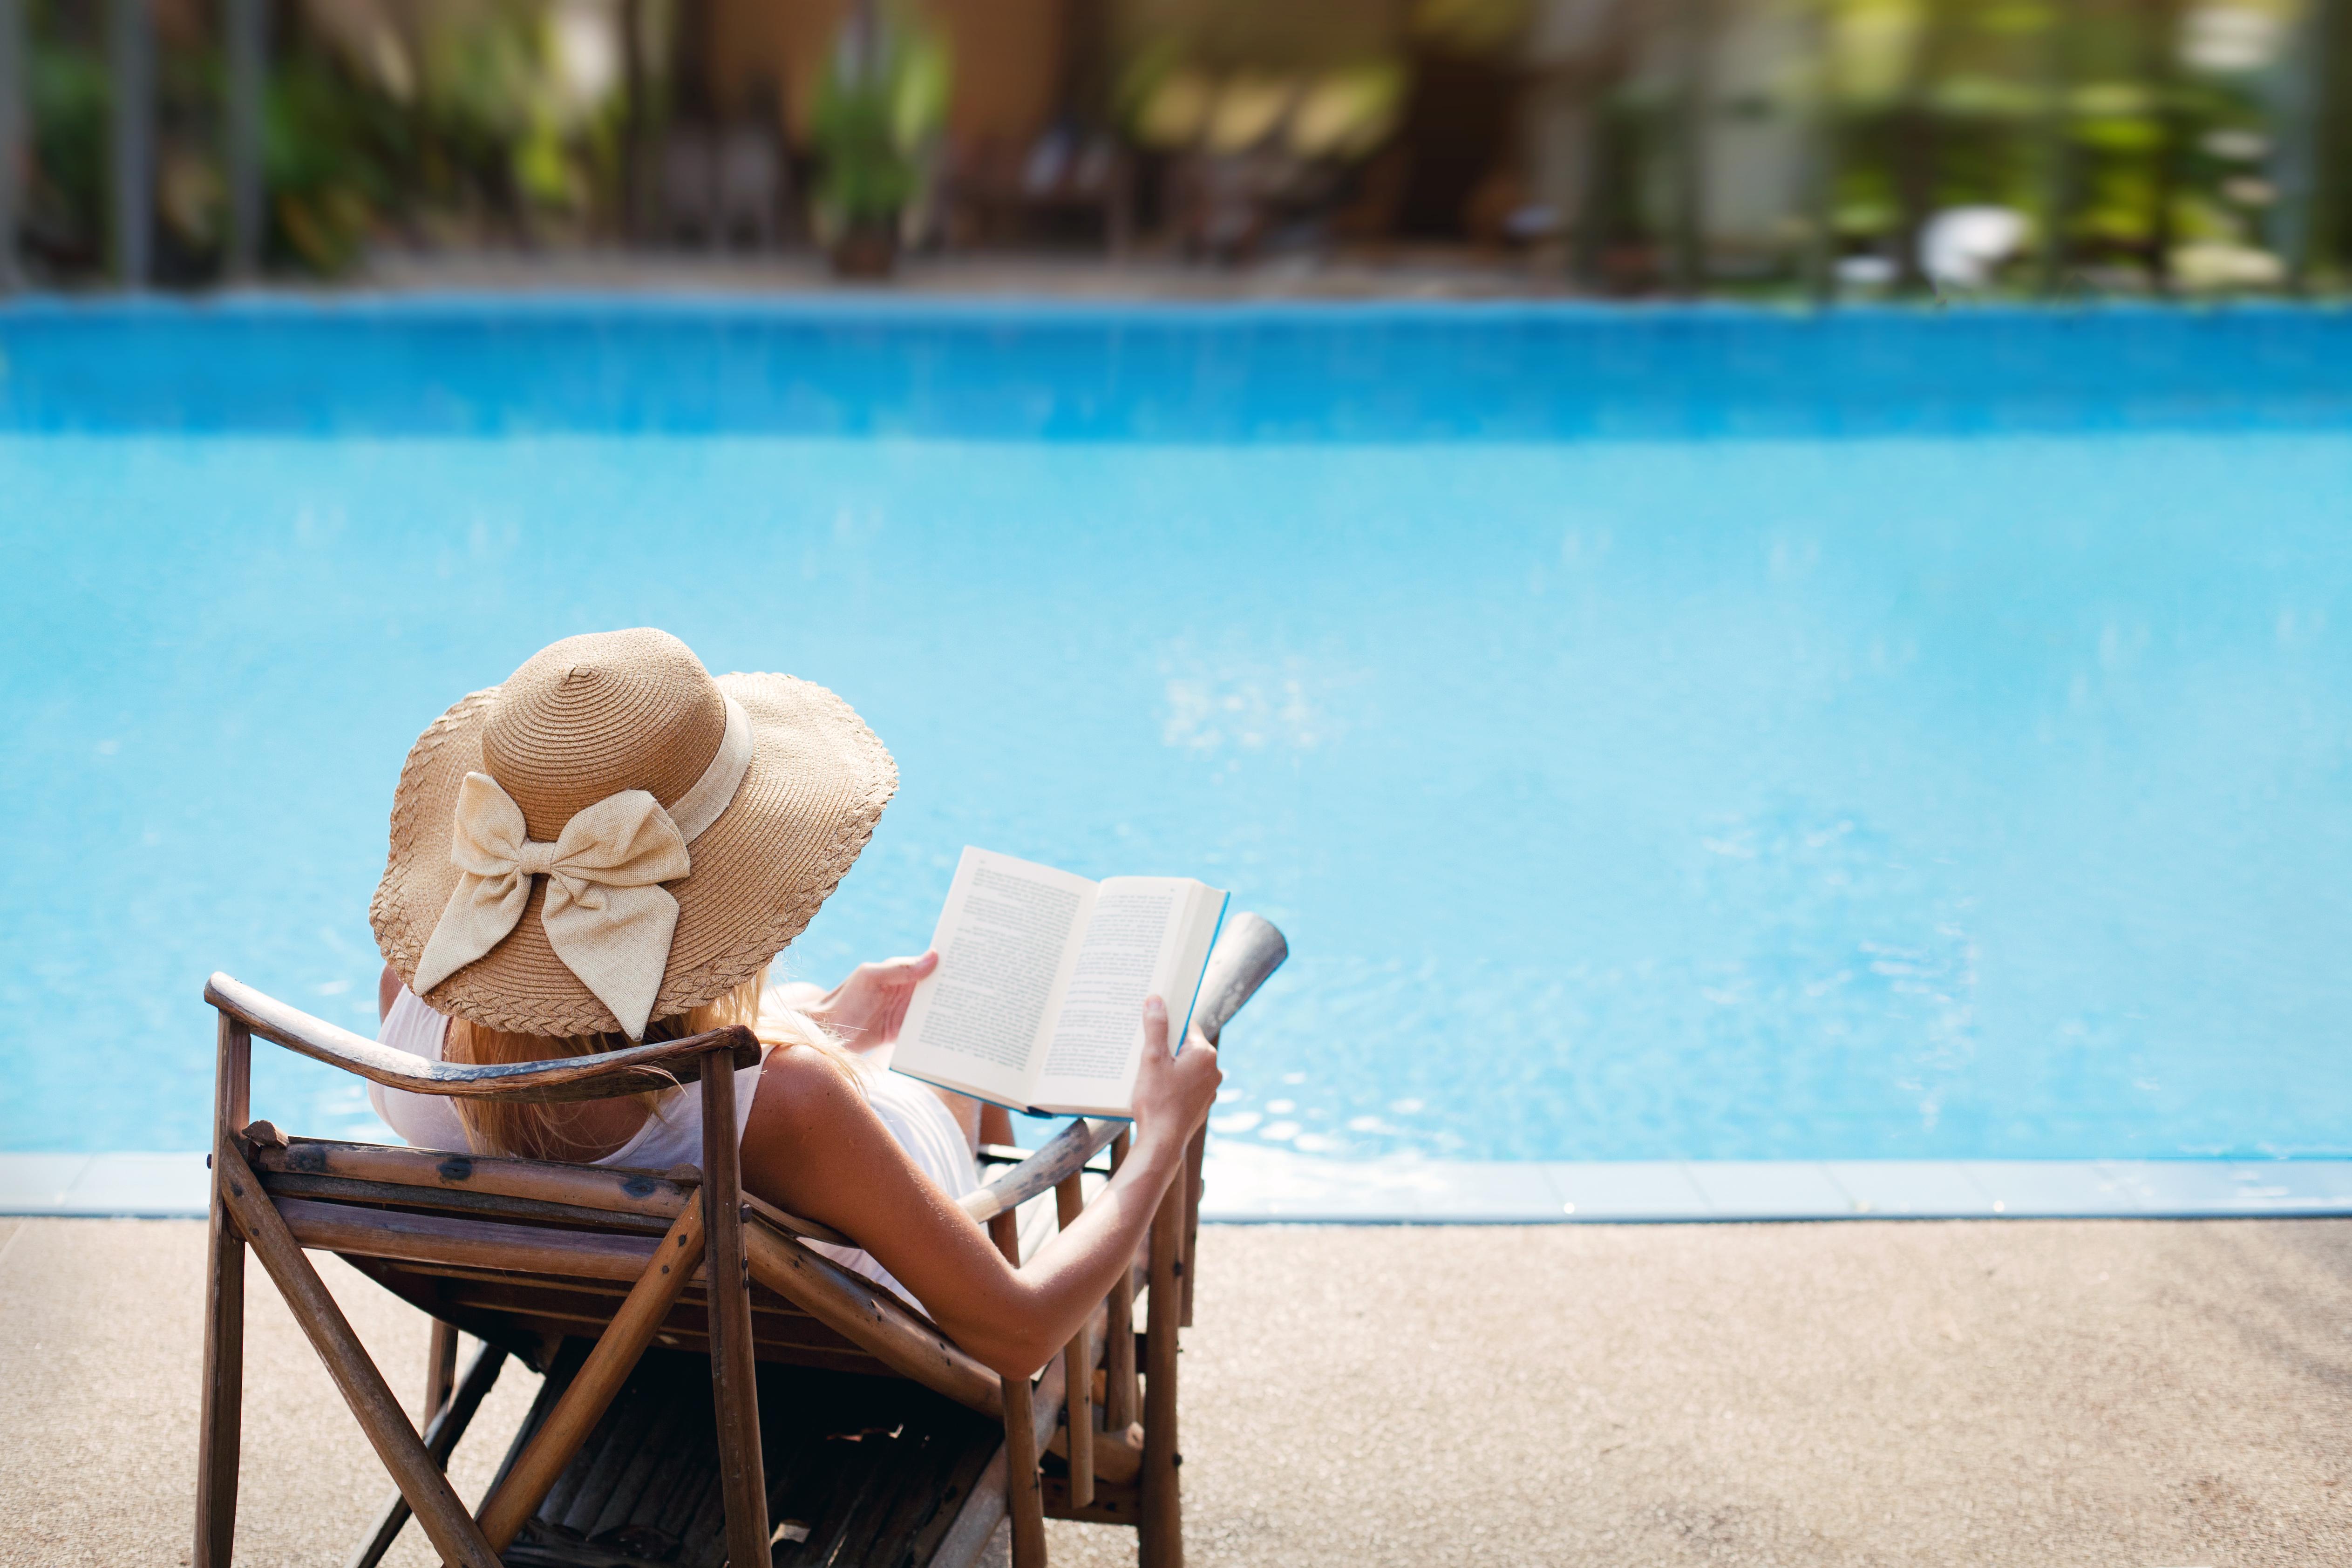 ליהנות בחופשה ליד הבריכה - שדרוג אמיתי לחופשה מפנקת